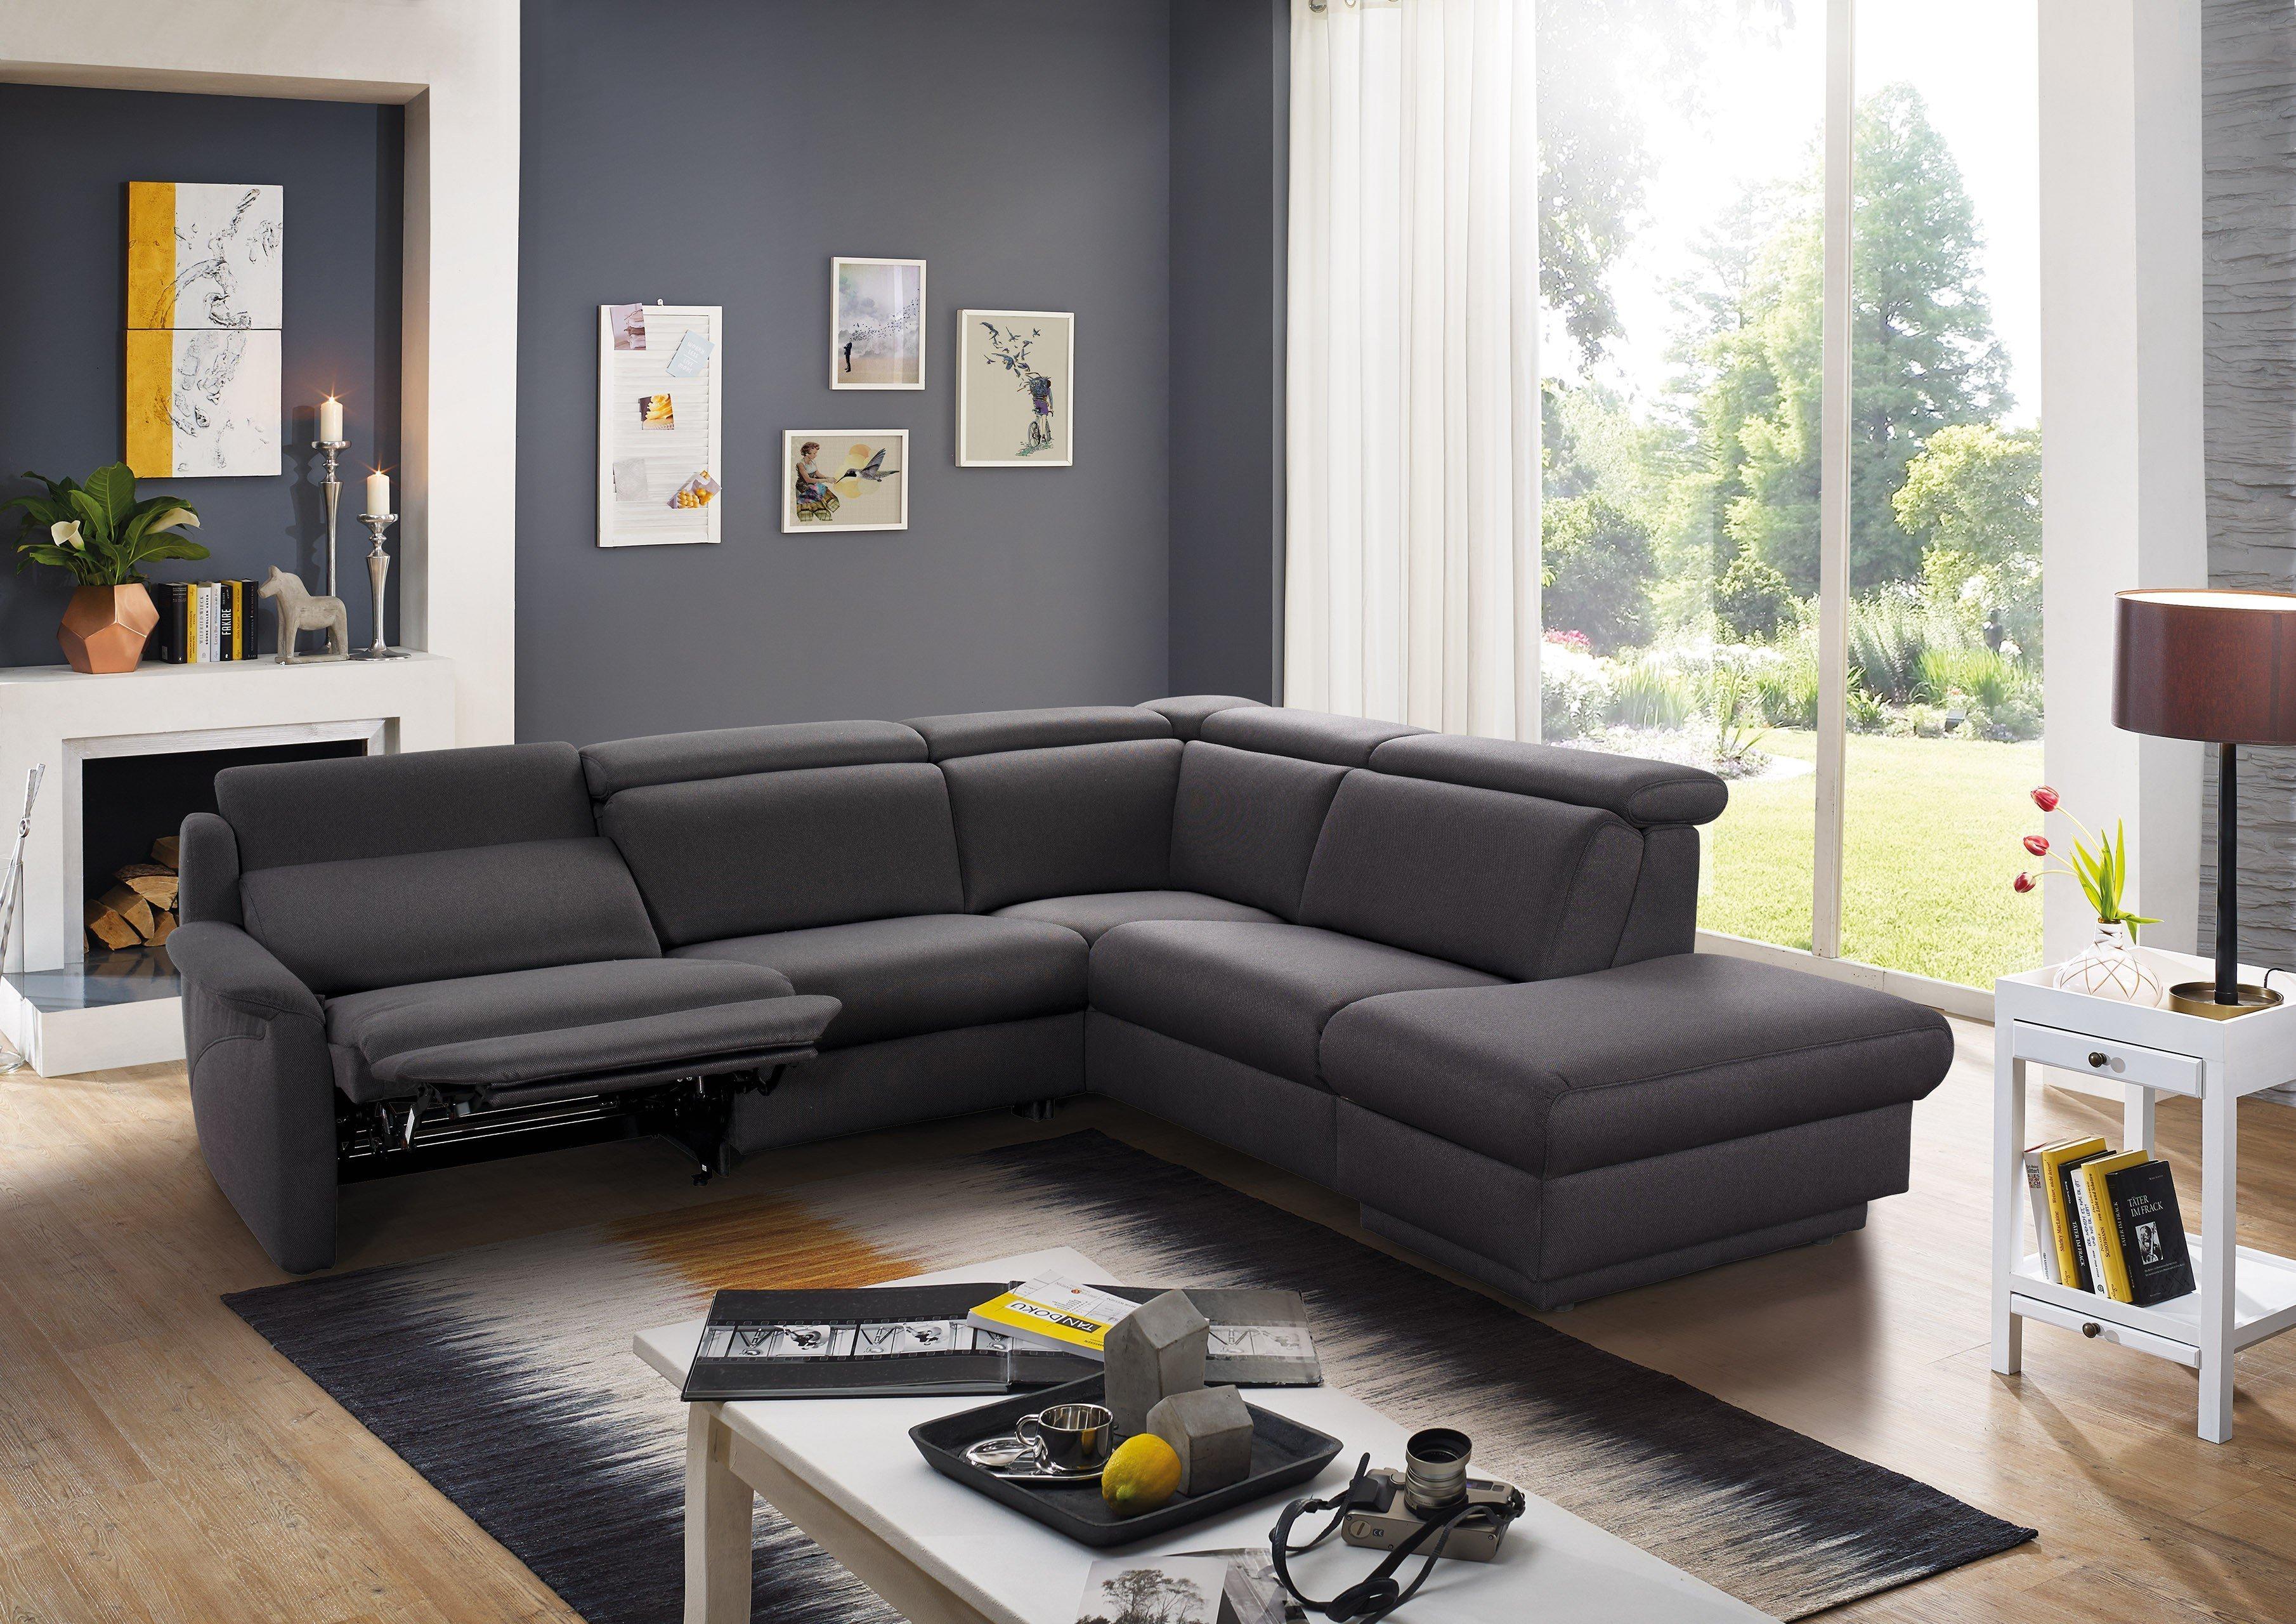 himolla polsterm bel 9701 polsterecke in grau m bel letz. Black Bedroom Furniture Sets. Home Design Ideas